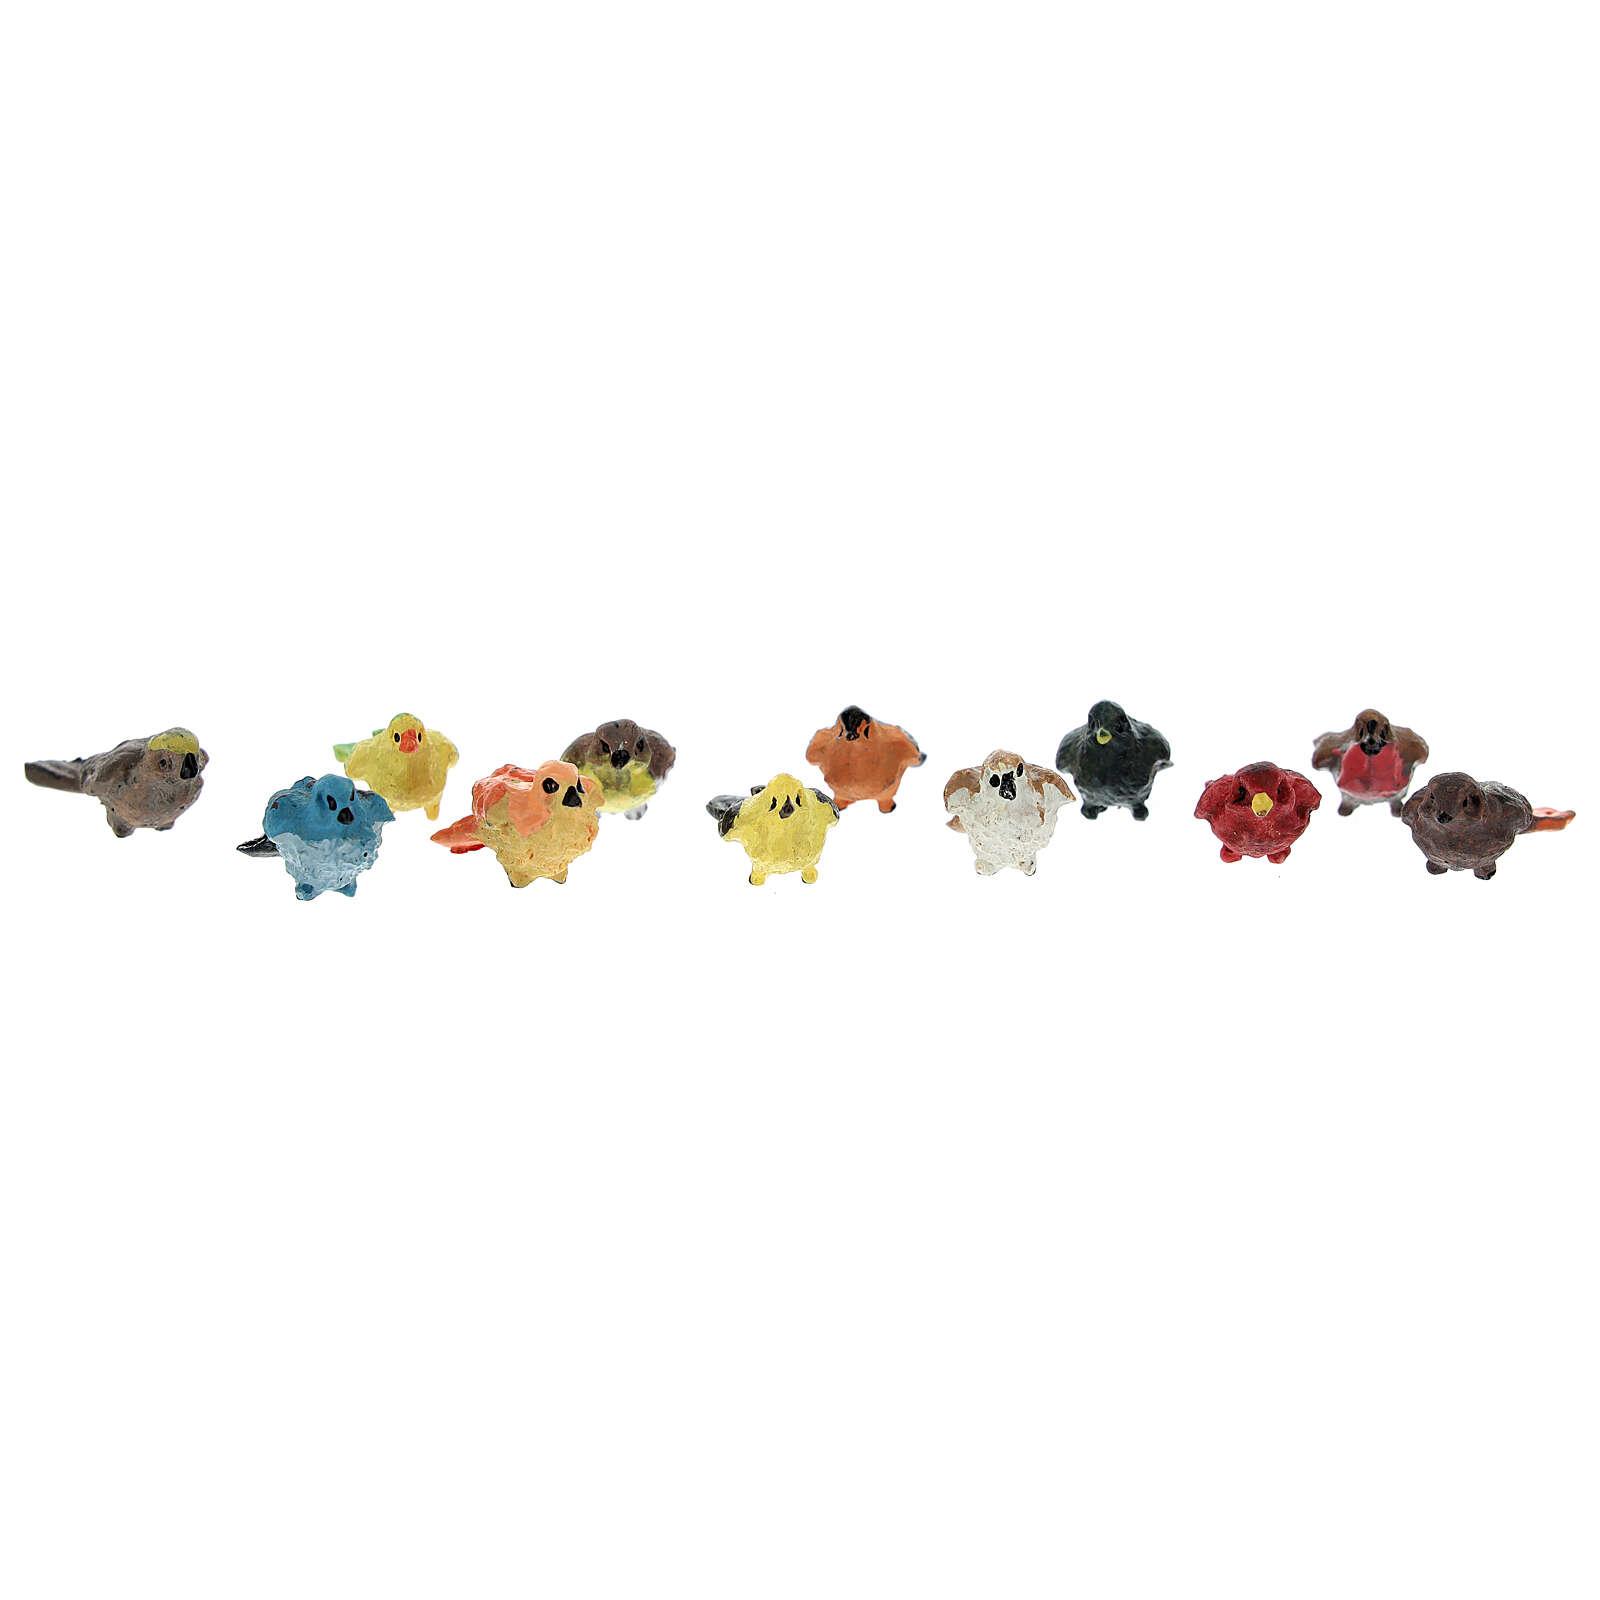 Vogelfiguren bunt 12 Stück, 2 cm 3